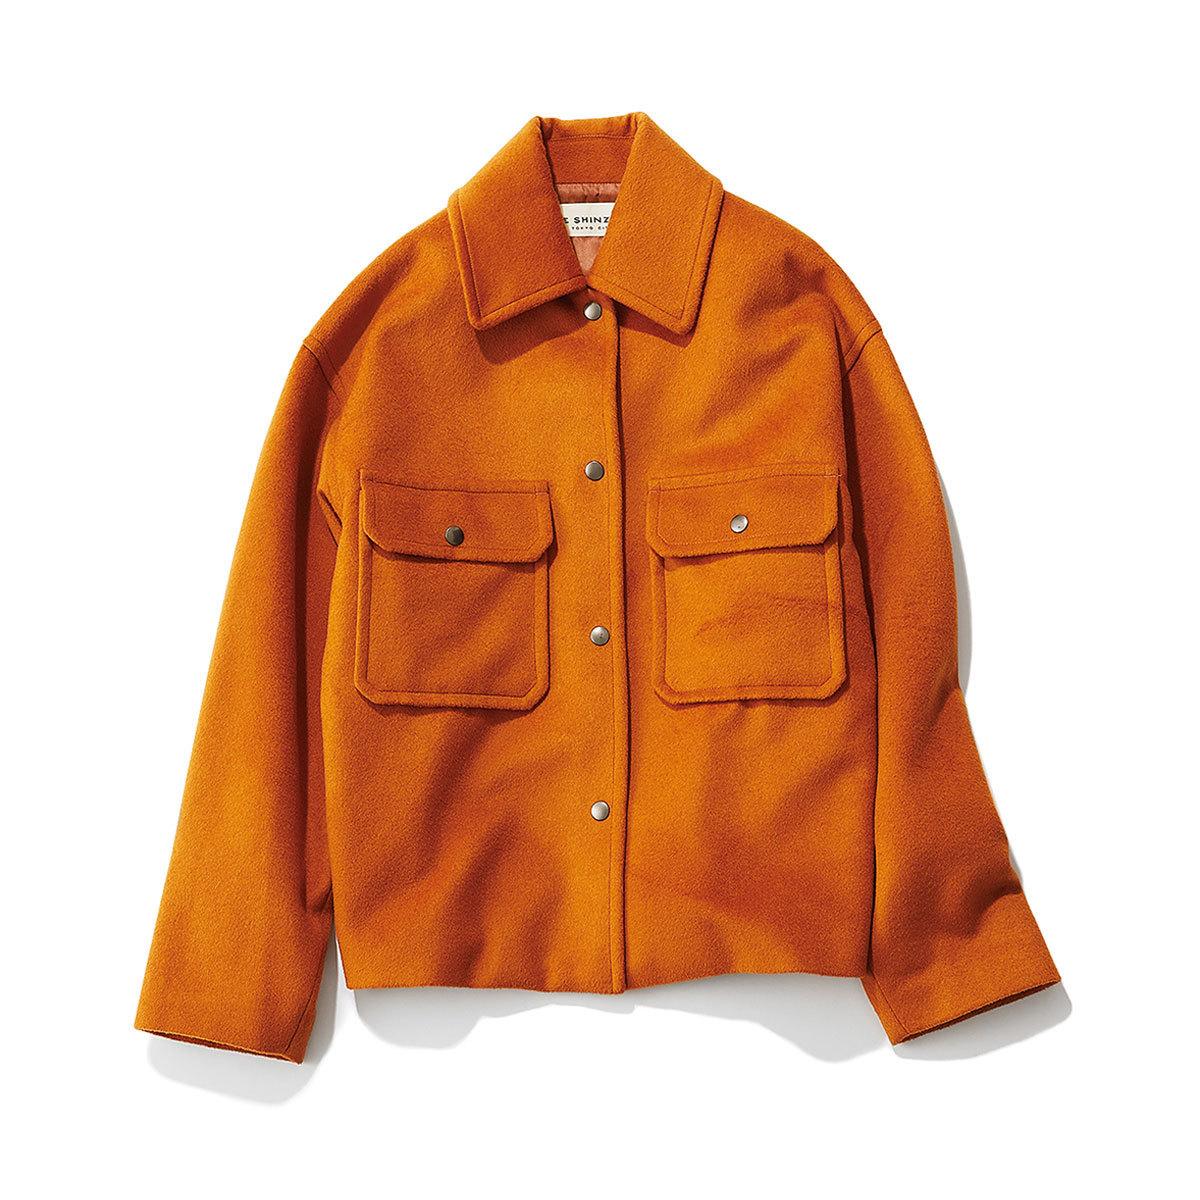 ザ シンゾーンのジャケット